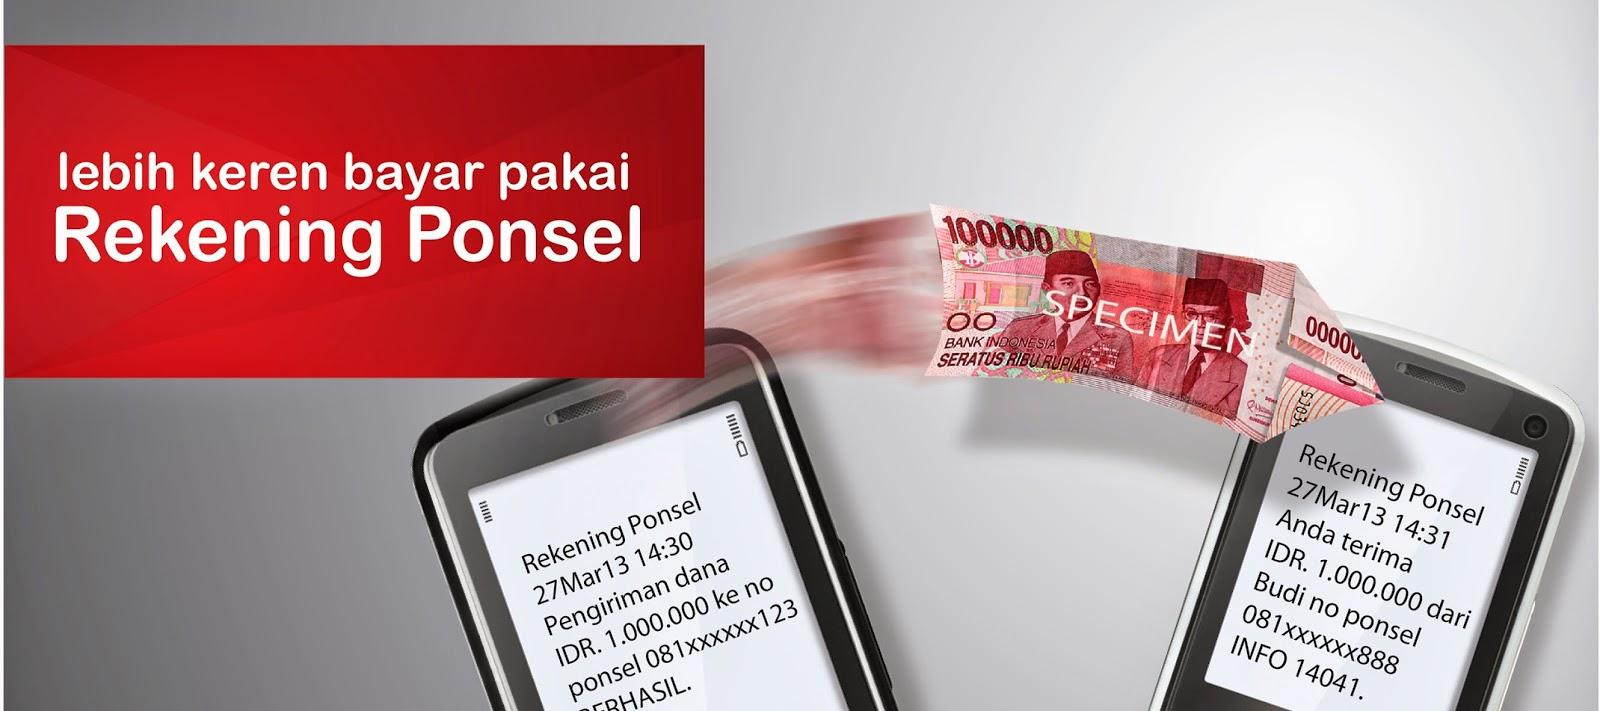 CIMB Niaga: Rekening Ponsel Pertama di Indonesia